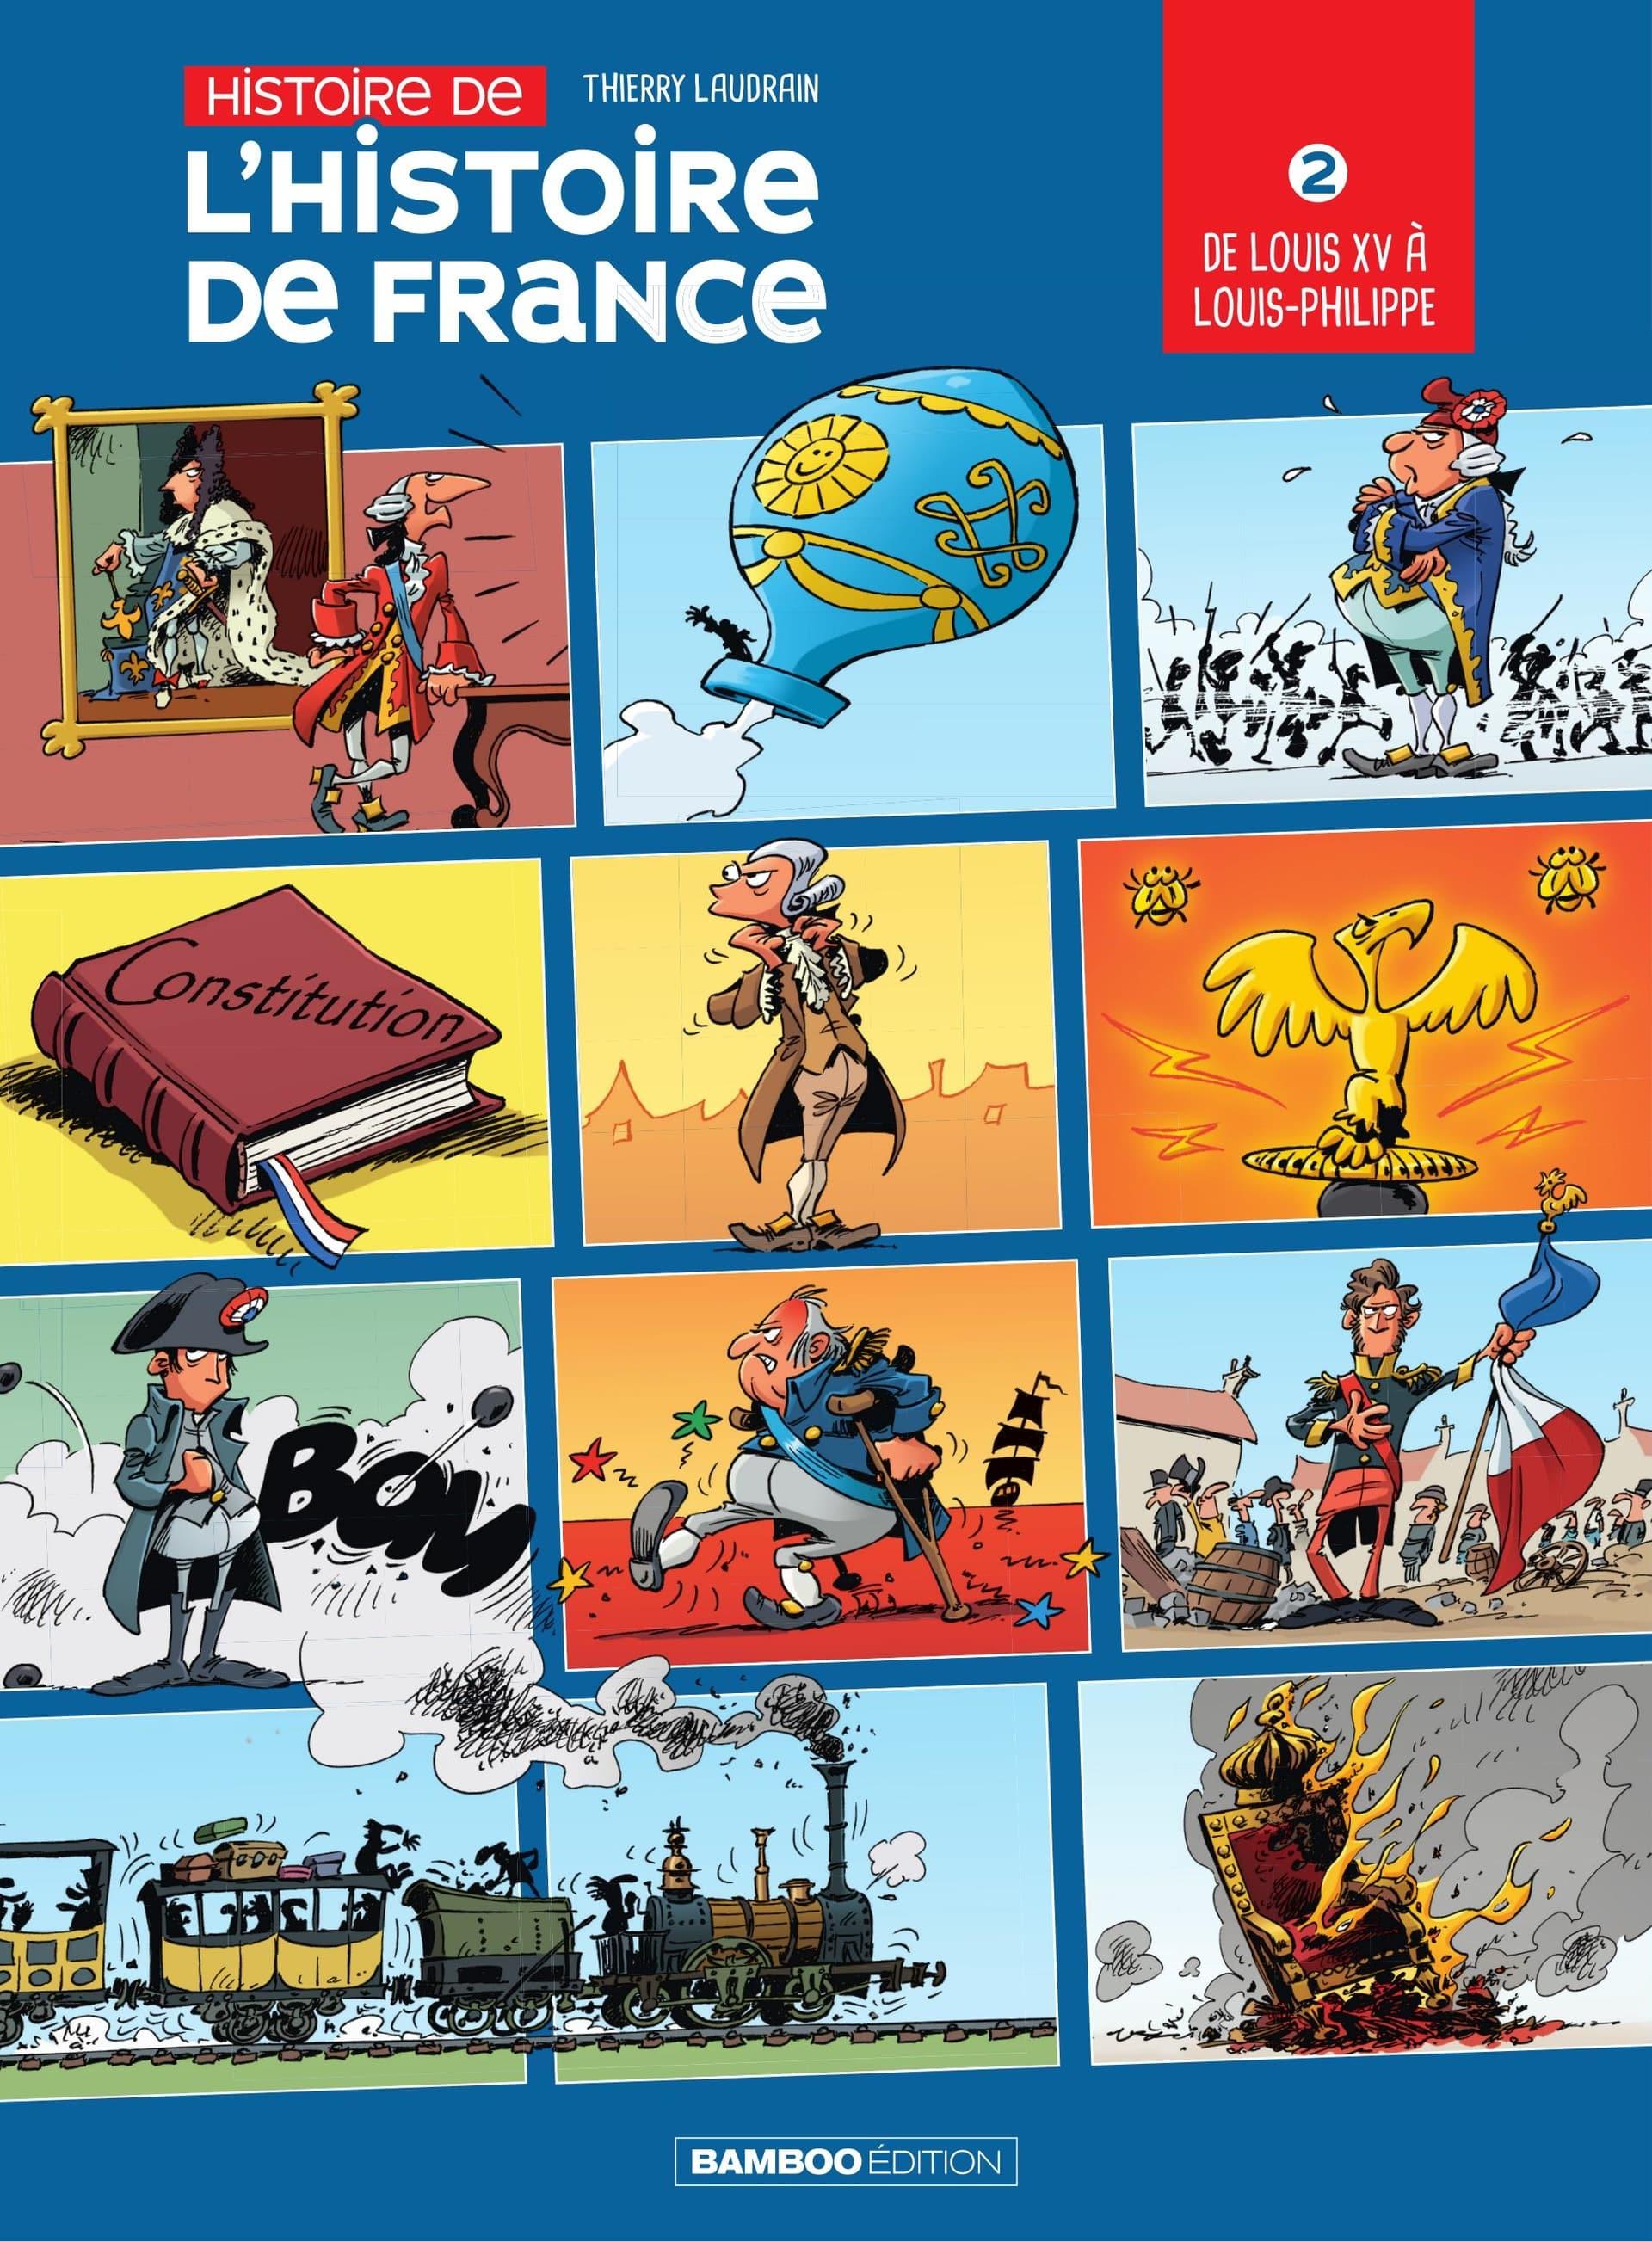 Histoire de l'Histoire de France, le tome 2 vedette des journées du Patrimoine à Versailles le 22 septembre